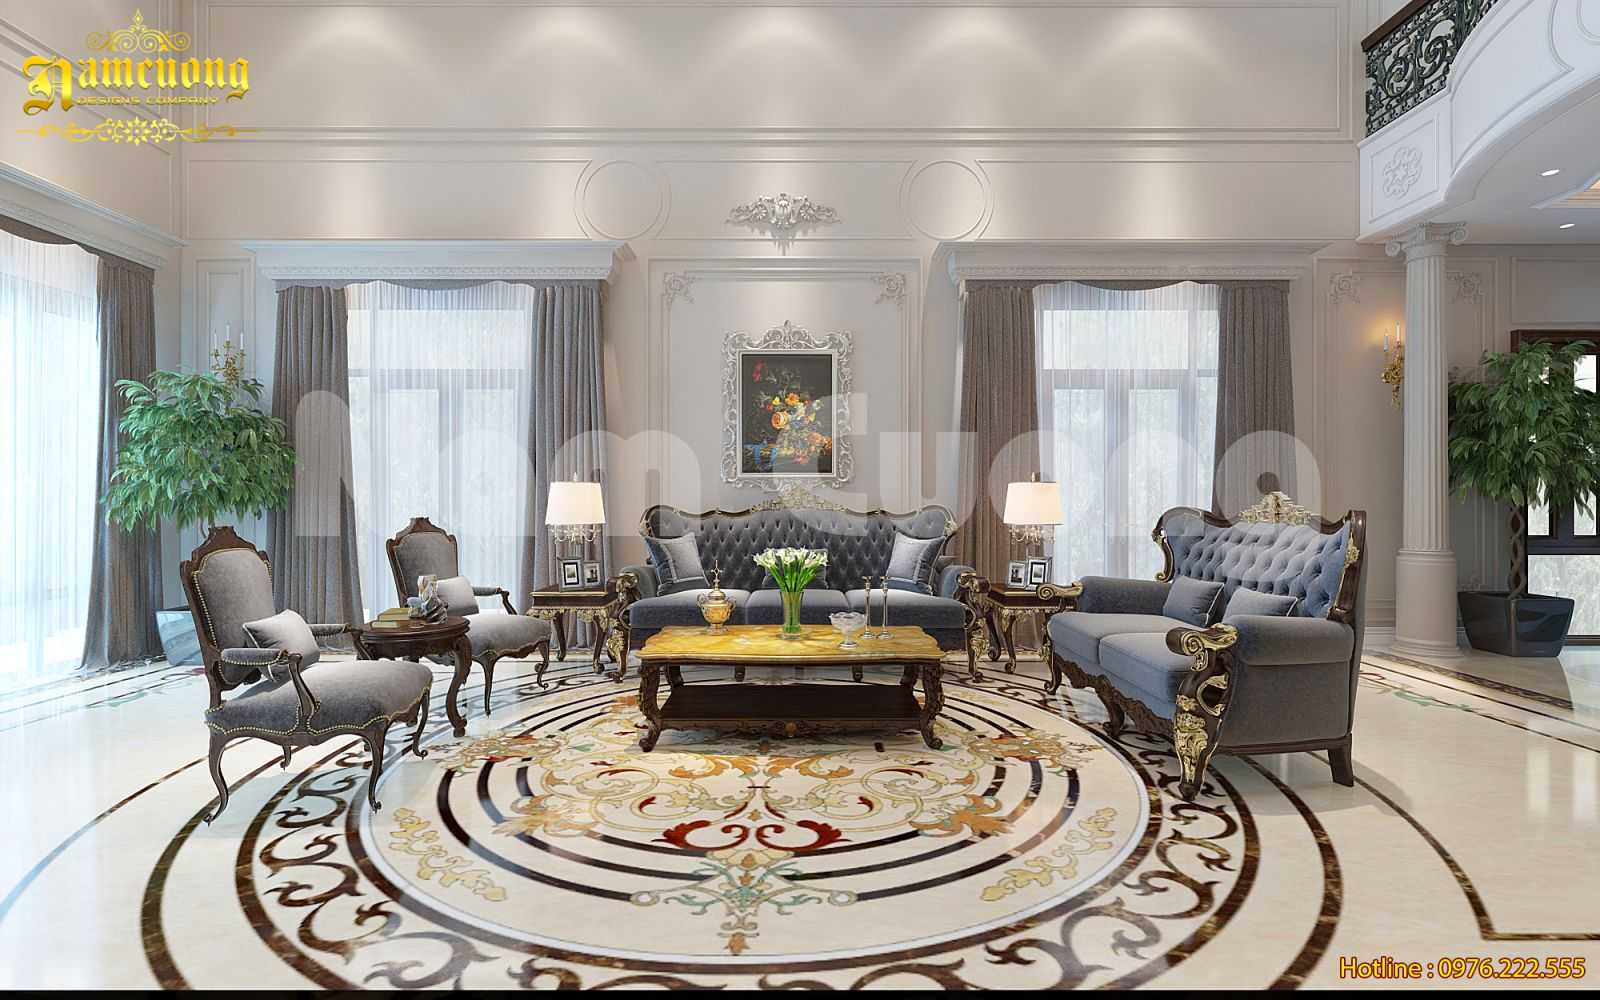 Thiết kế nội thất biệt thự tân cổ điển 2 tầng tại Quảng Bình